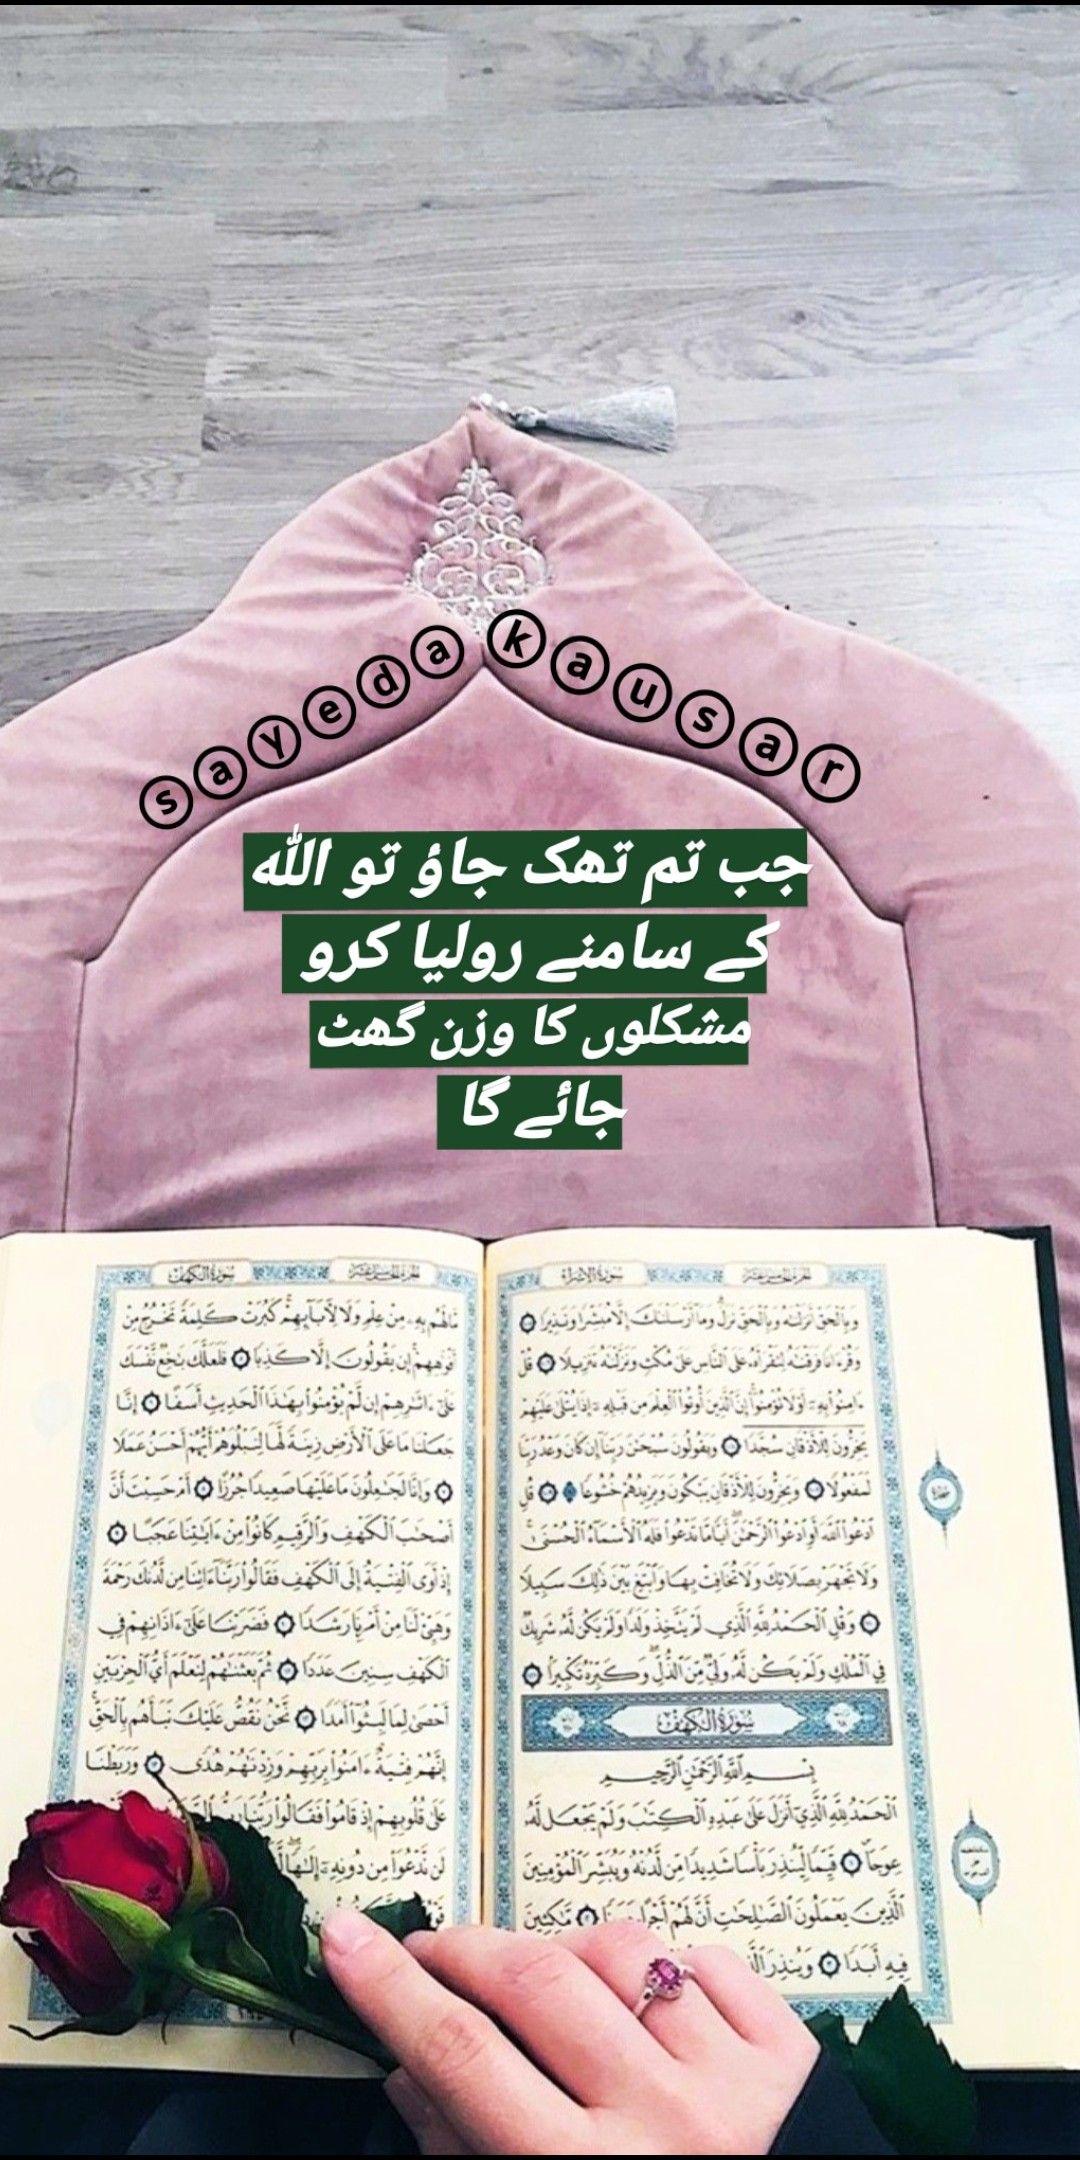 Pin By Mayra Imtiaz On Islamic Quotes Quran Islamic Quotes Islamic Quotes Quran Quotes